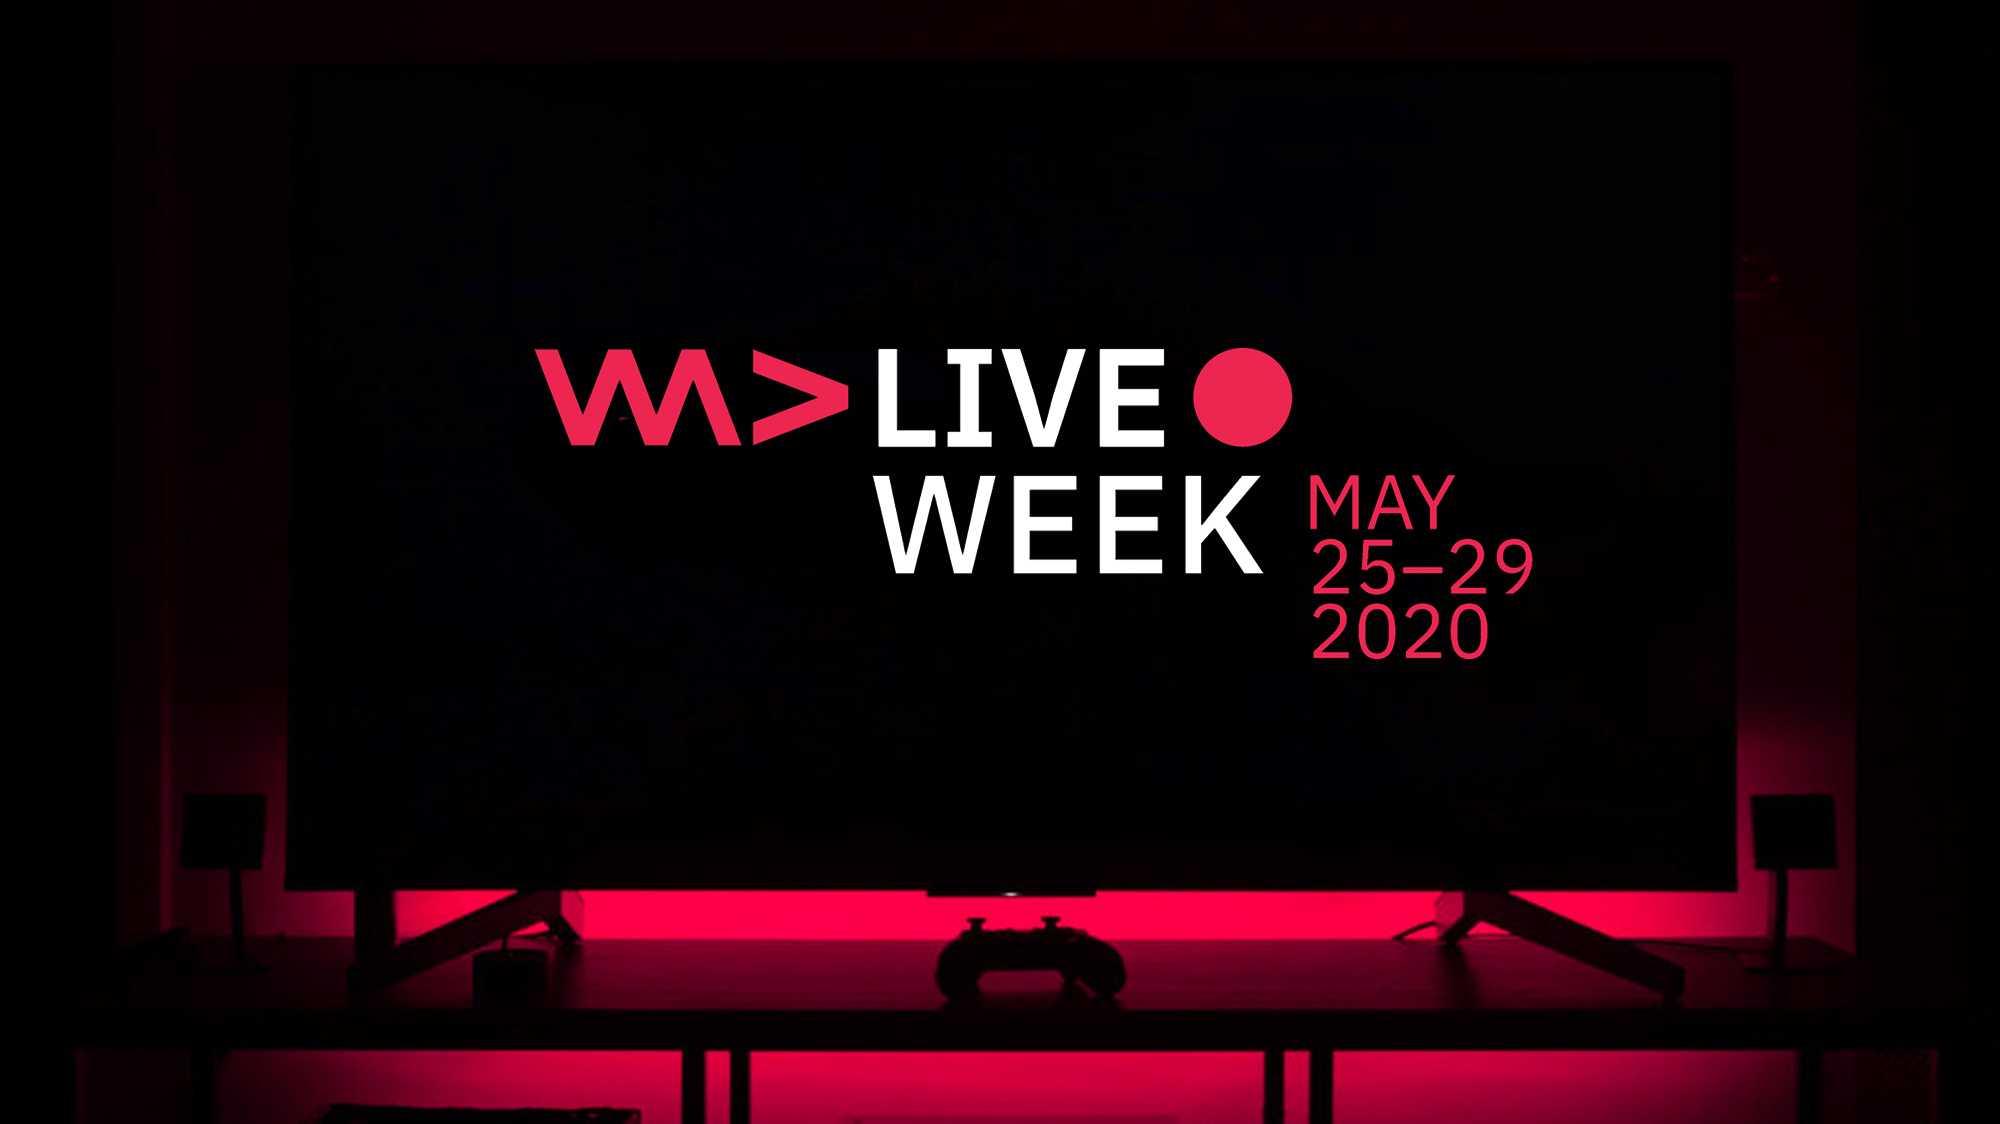 Am Mittwoch online: WeAreDevelopers Live Week – u.a. mit Web APIs, RxJS und ML